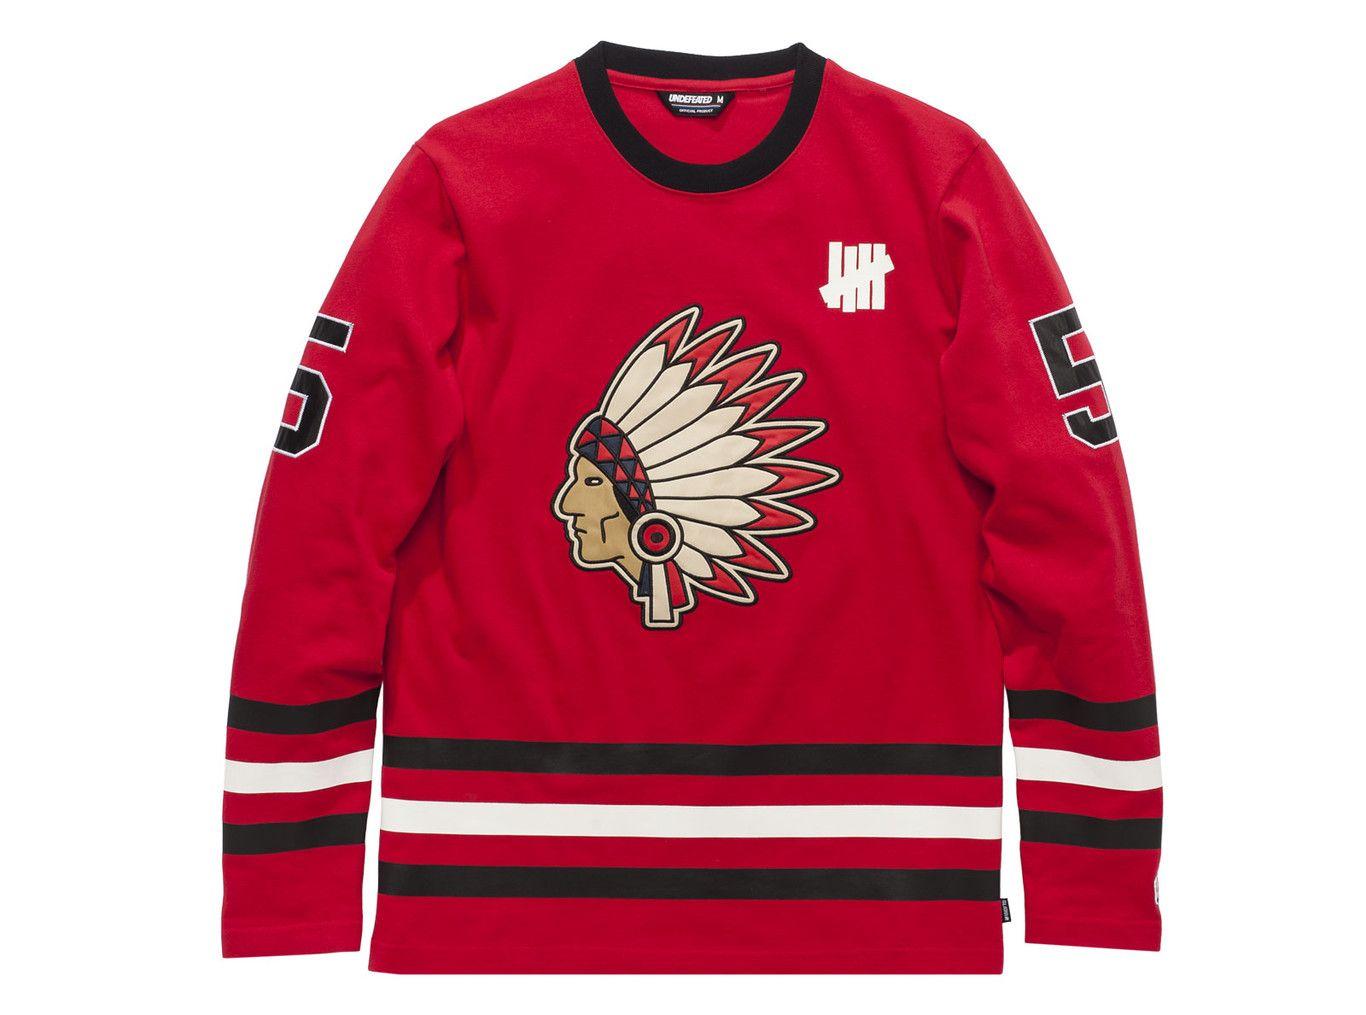 a4ea9693 supreme hockey jersey - Google Search | Need | Canada hockey, Hockey ...